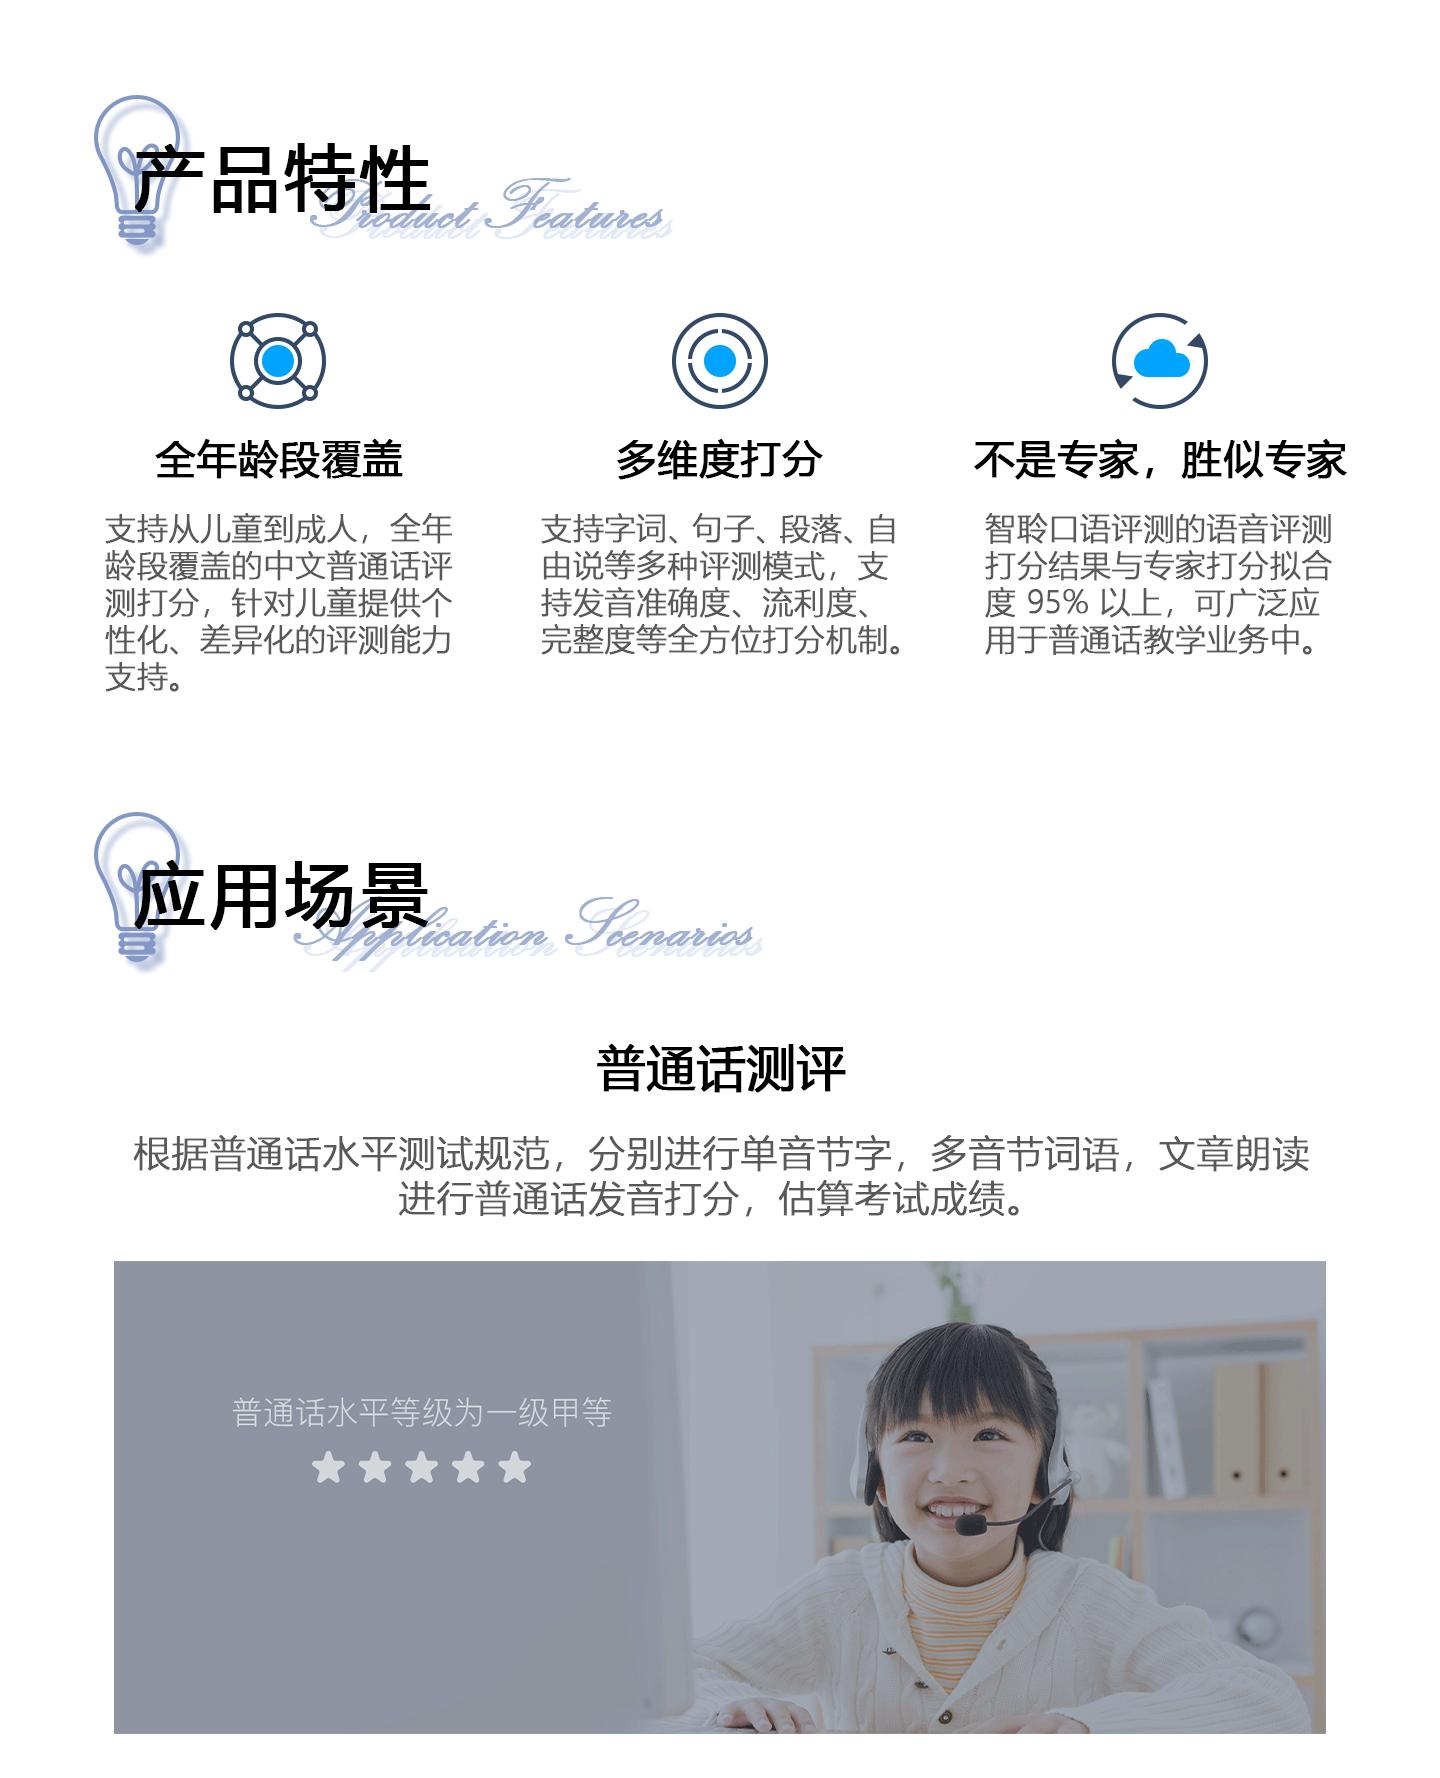 口语测评中文1440_02.jpg